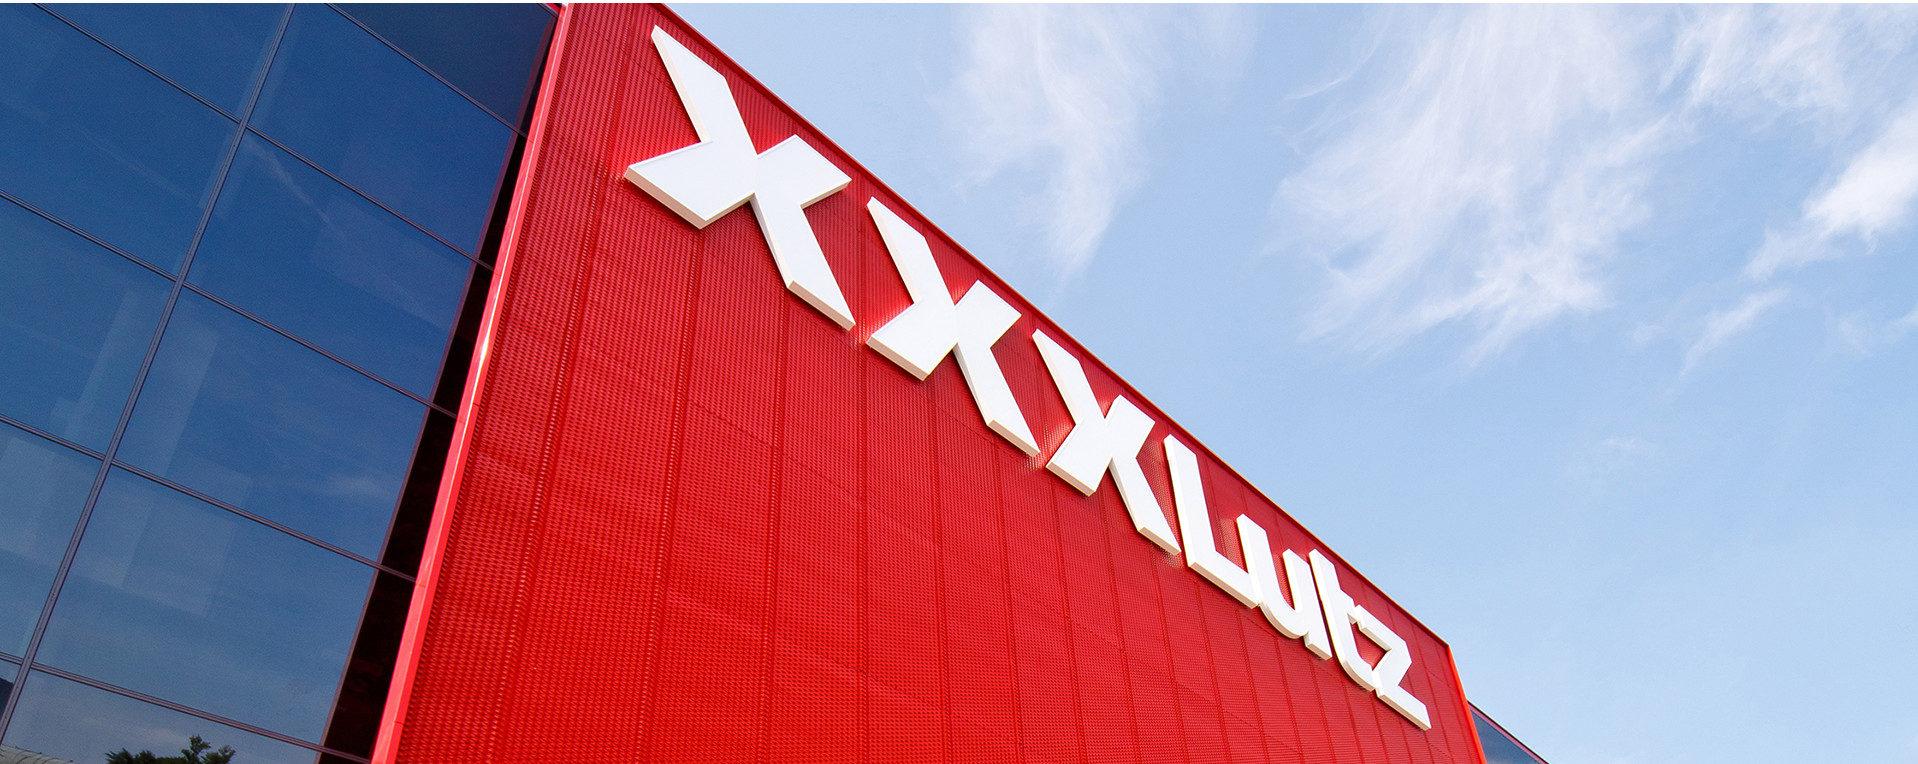 XXXLutz Firma